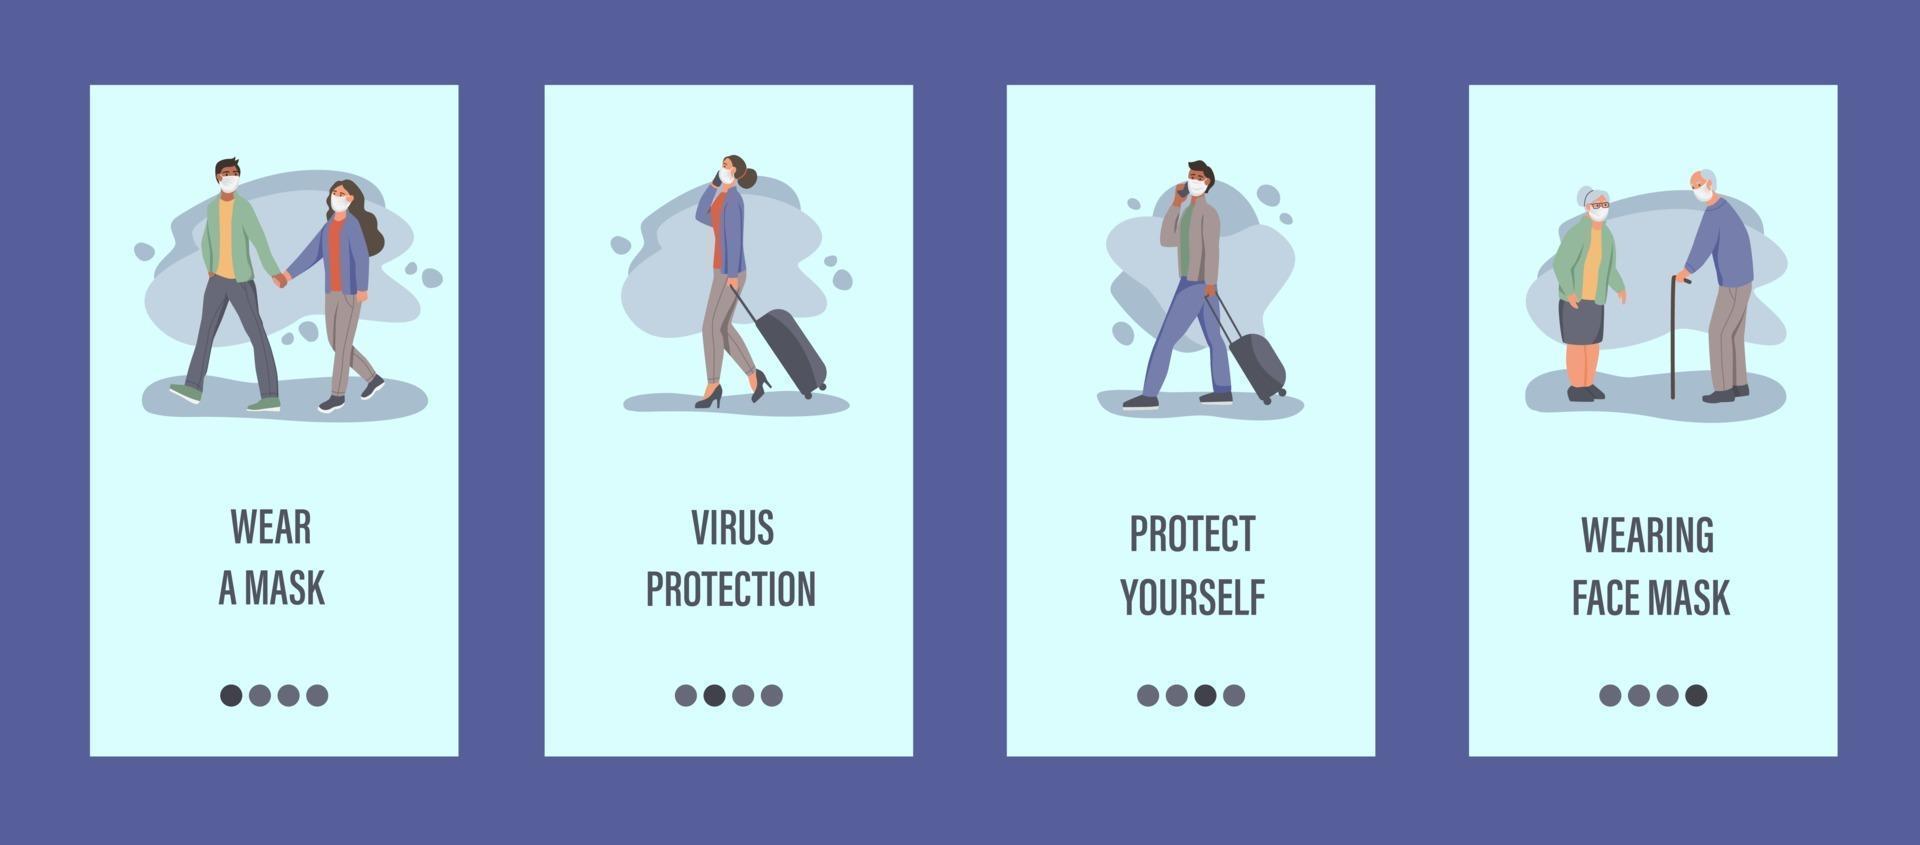 människor bär masker mobil app mall. begreppet epidemiskontroll, luftföroreningar, covid-19. platt vektorillustration. vektor